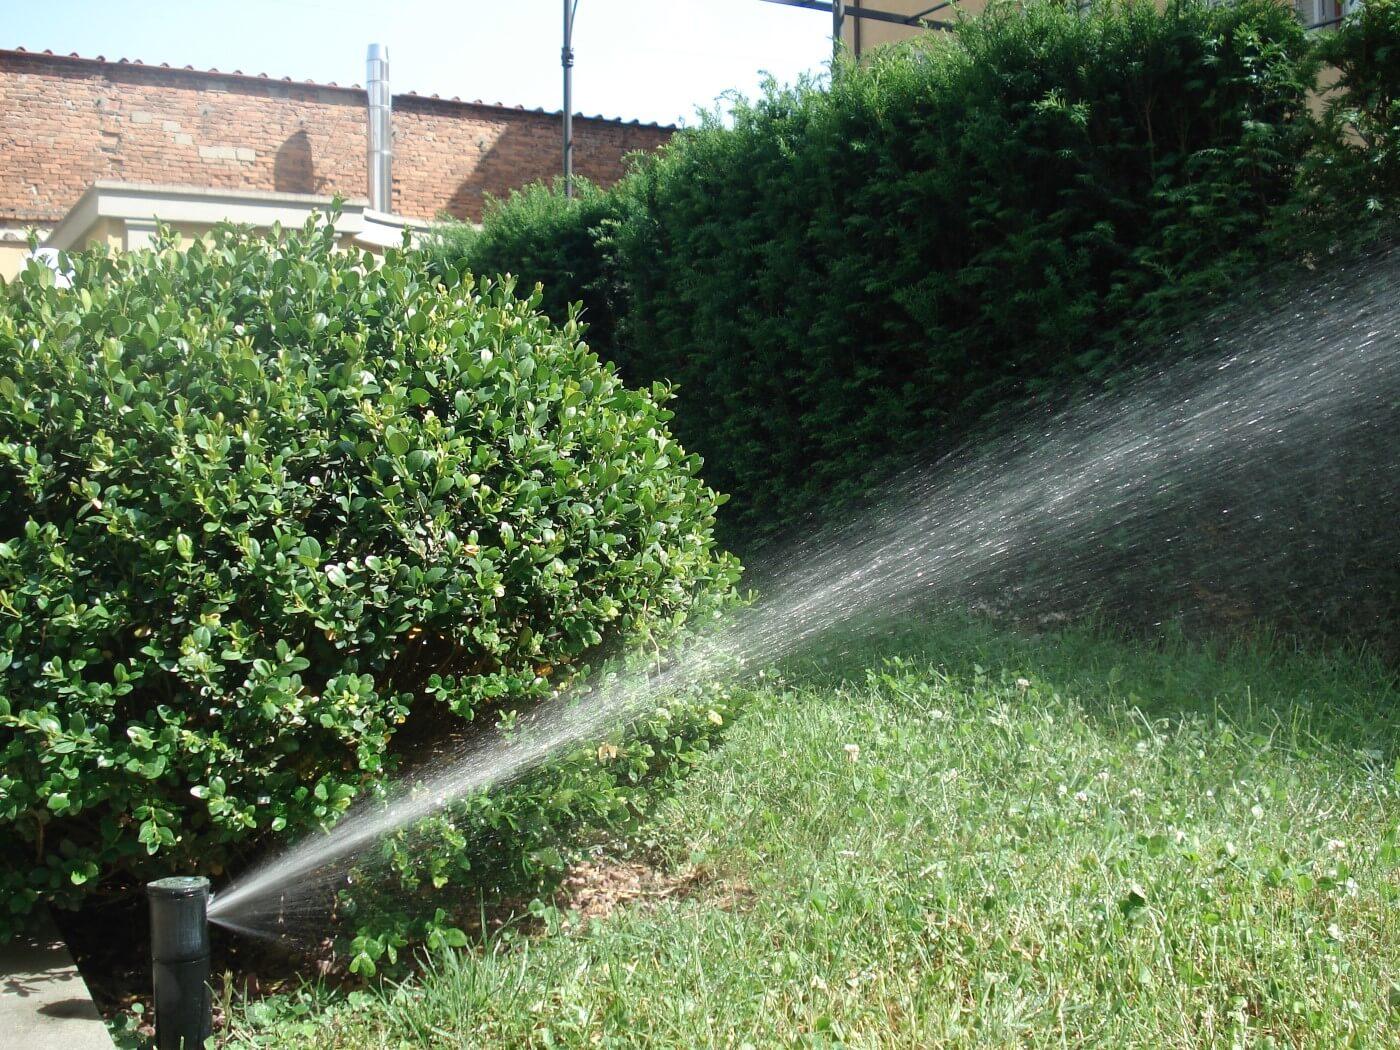 Siepi in giardino: consigli per cura e irrigazione